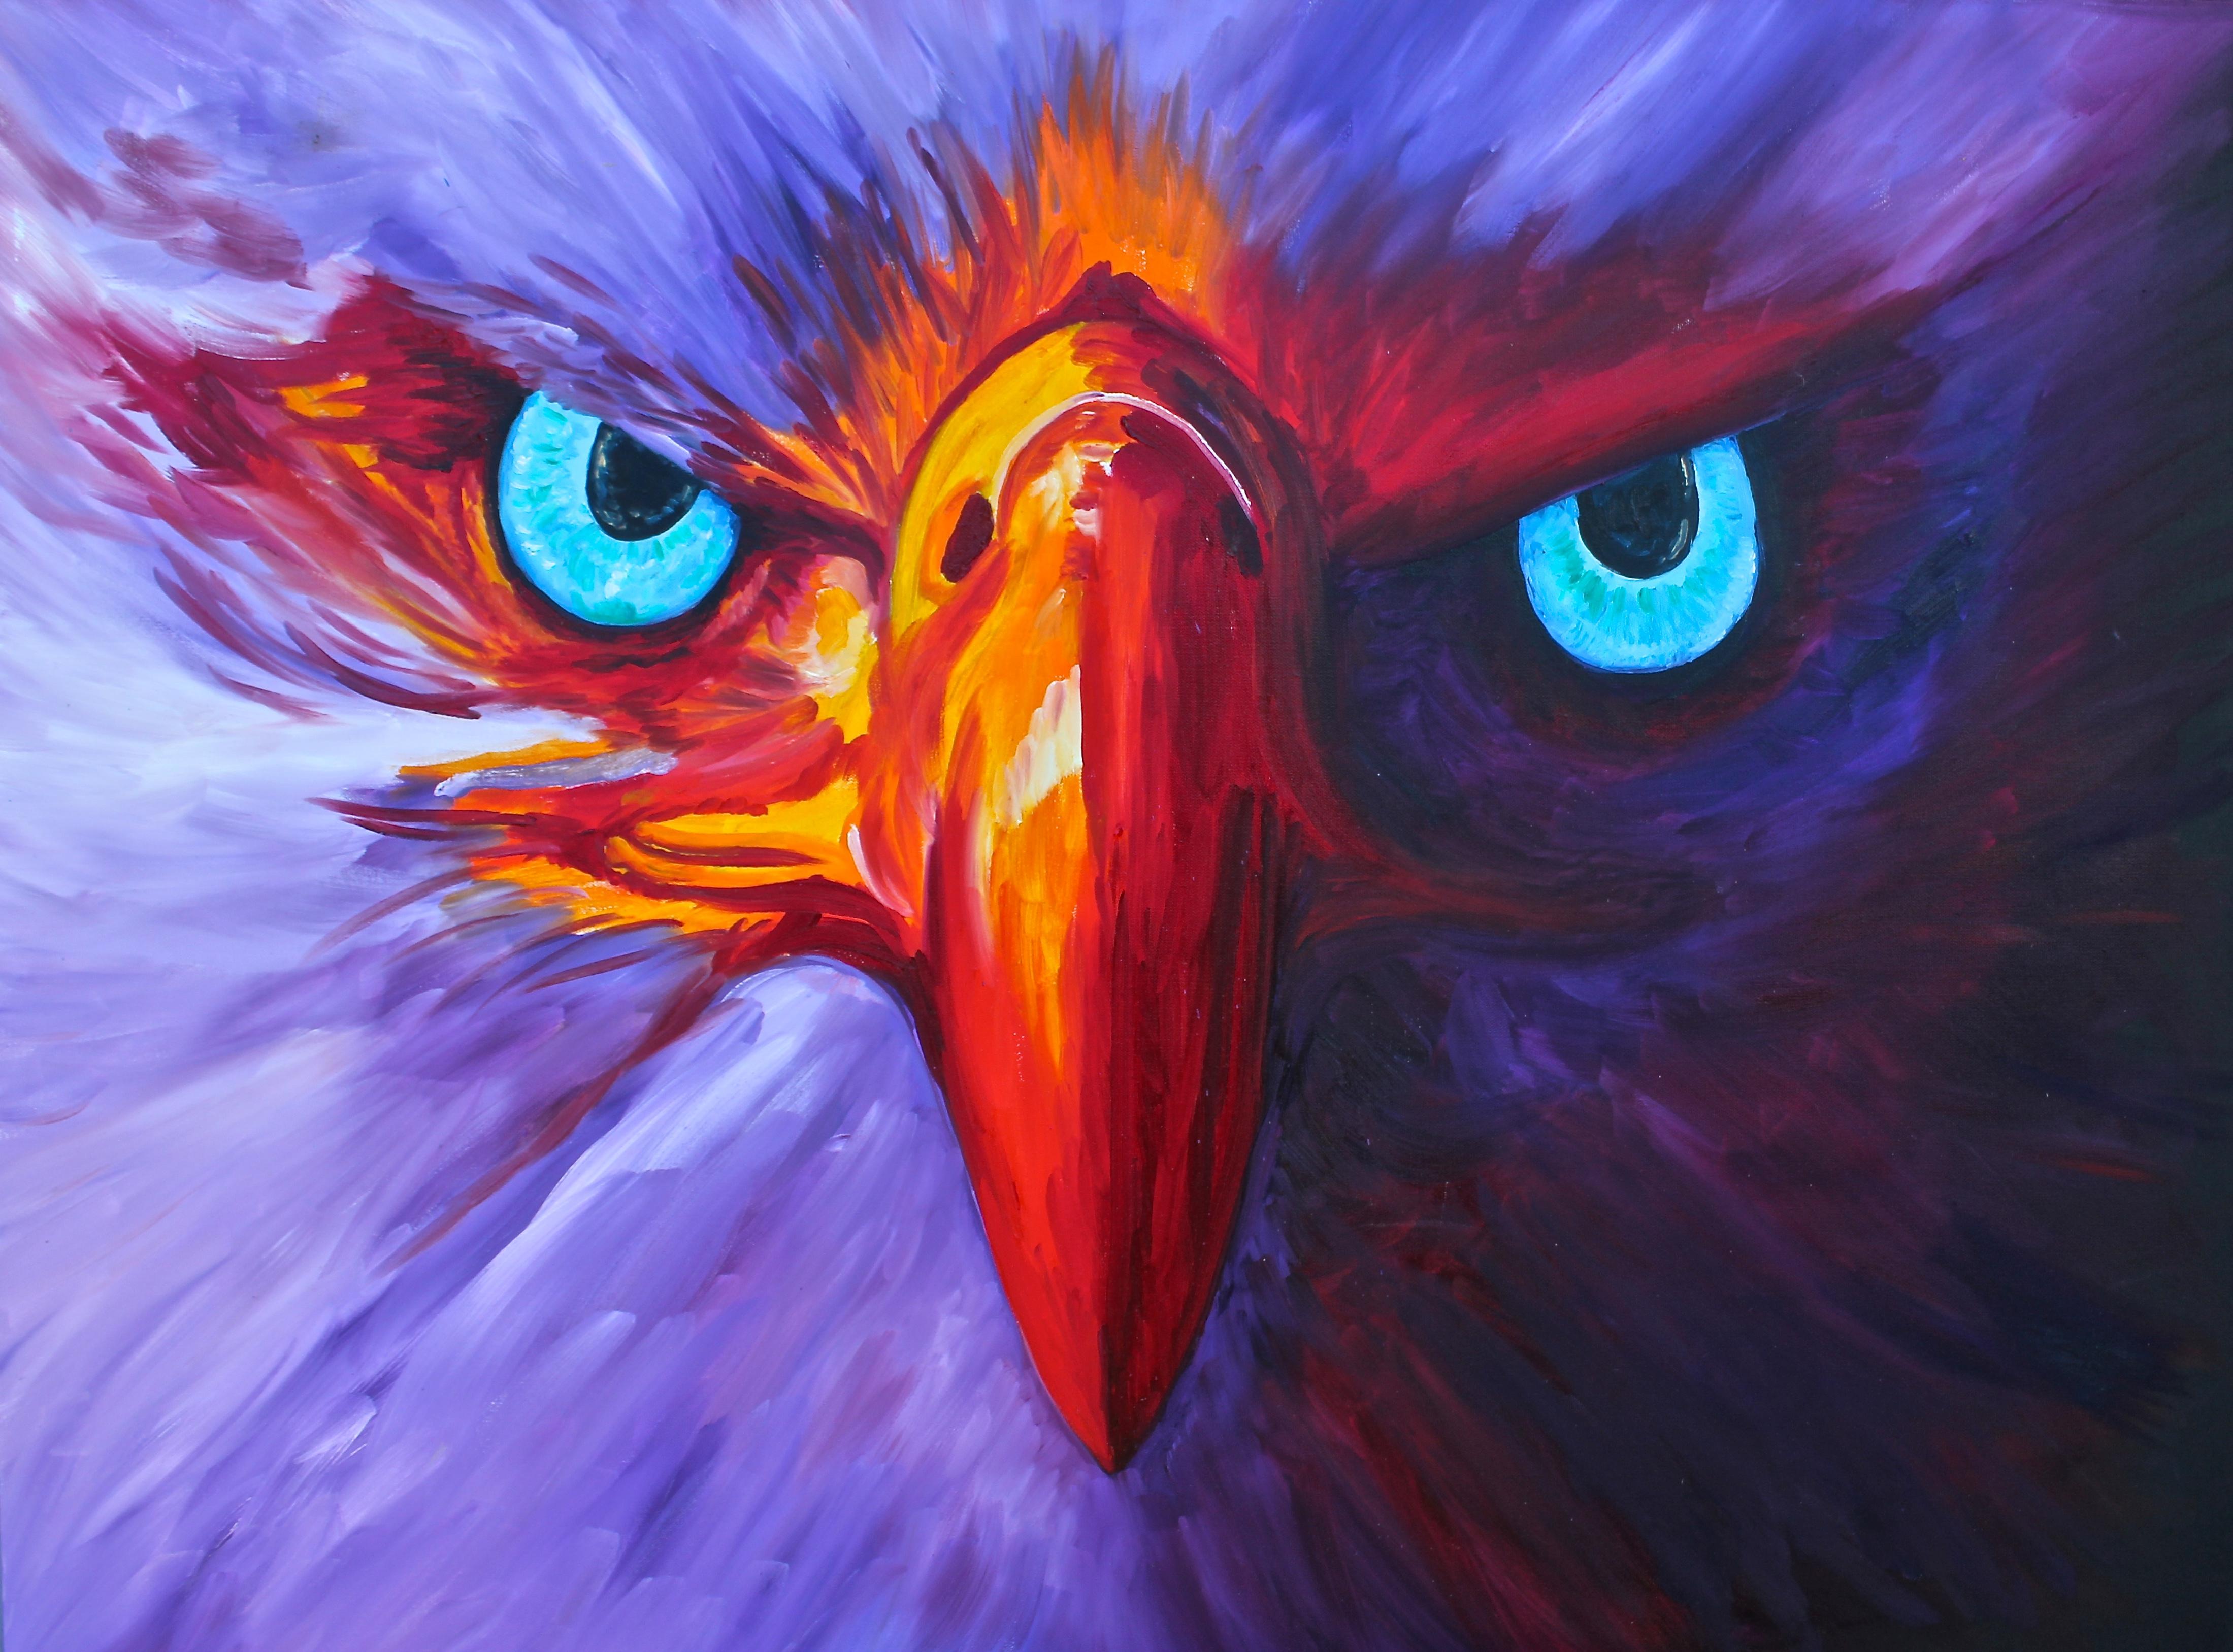 Eagle 3'x4' copy.JPG